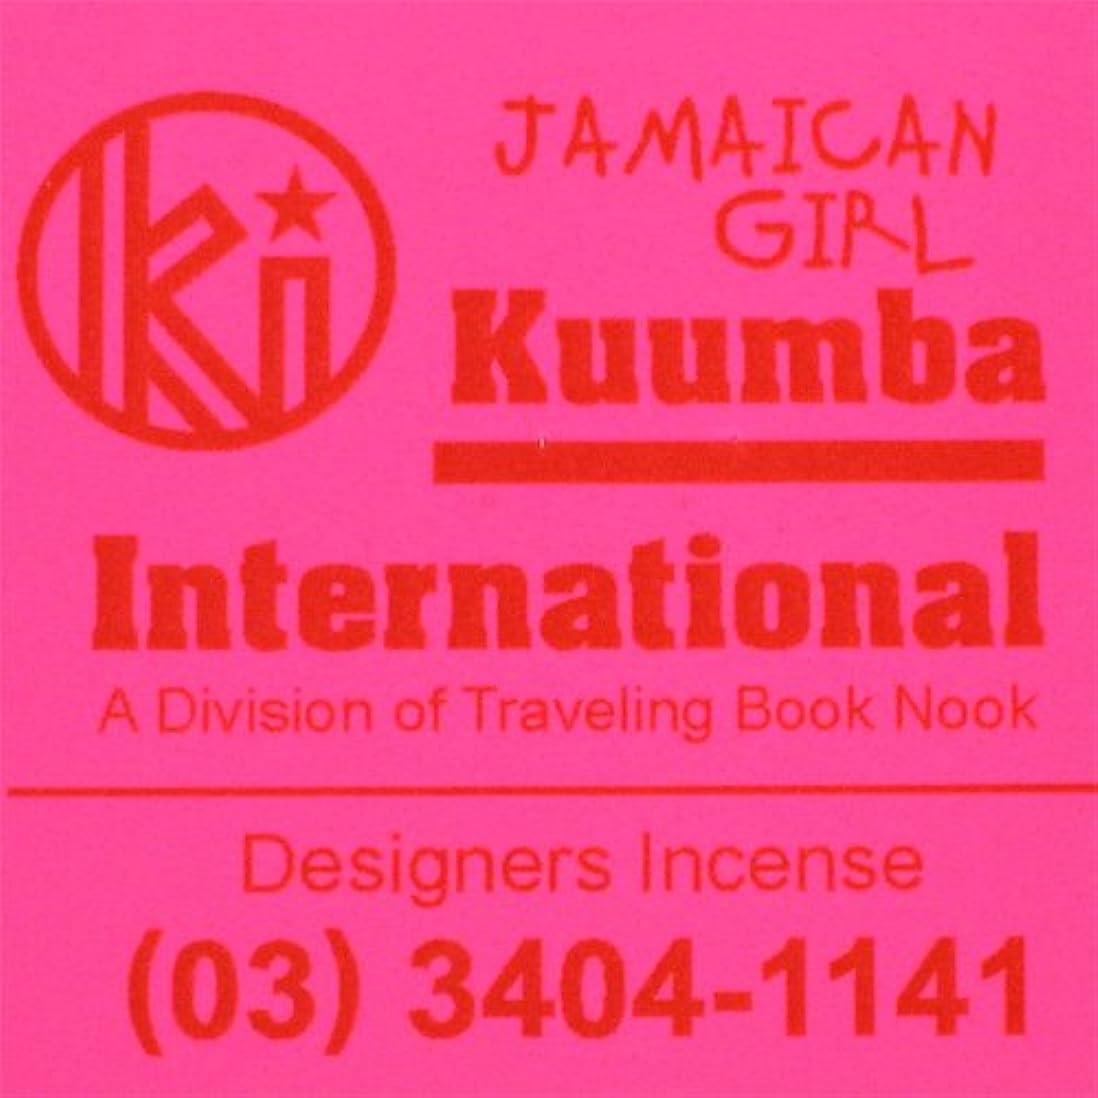 メトロポリタンささやき資産KUUMBA / クンバ『incense』(JAMAICAN GIRL) (Regular size)